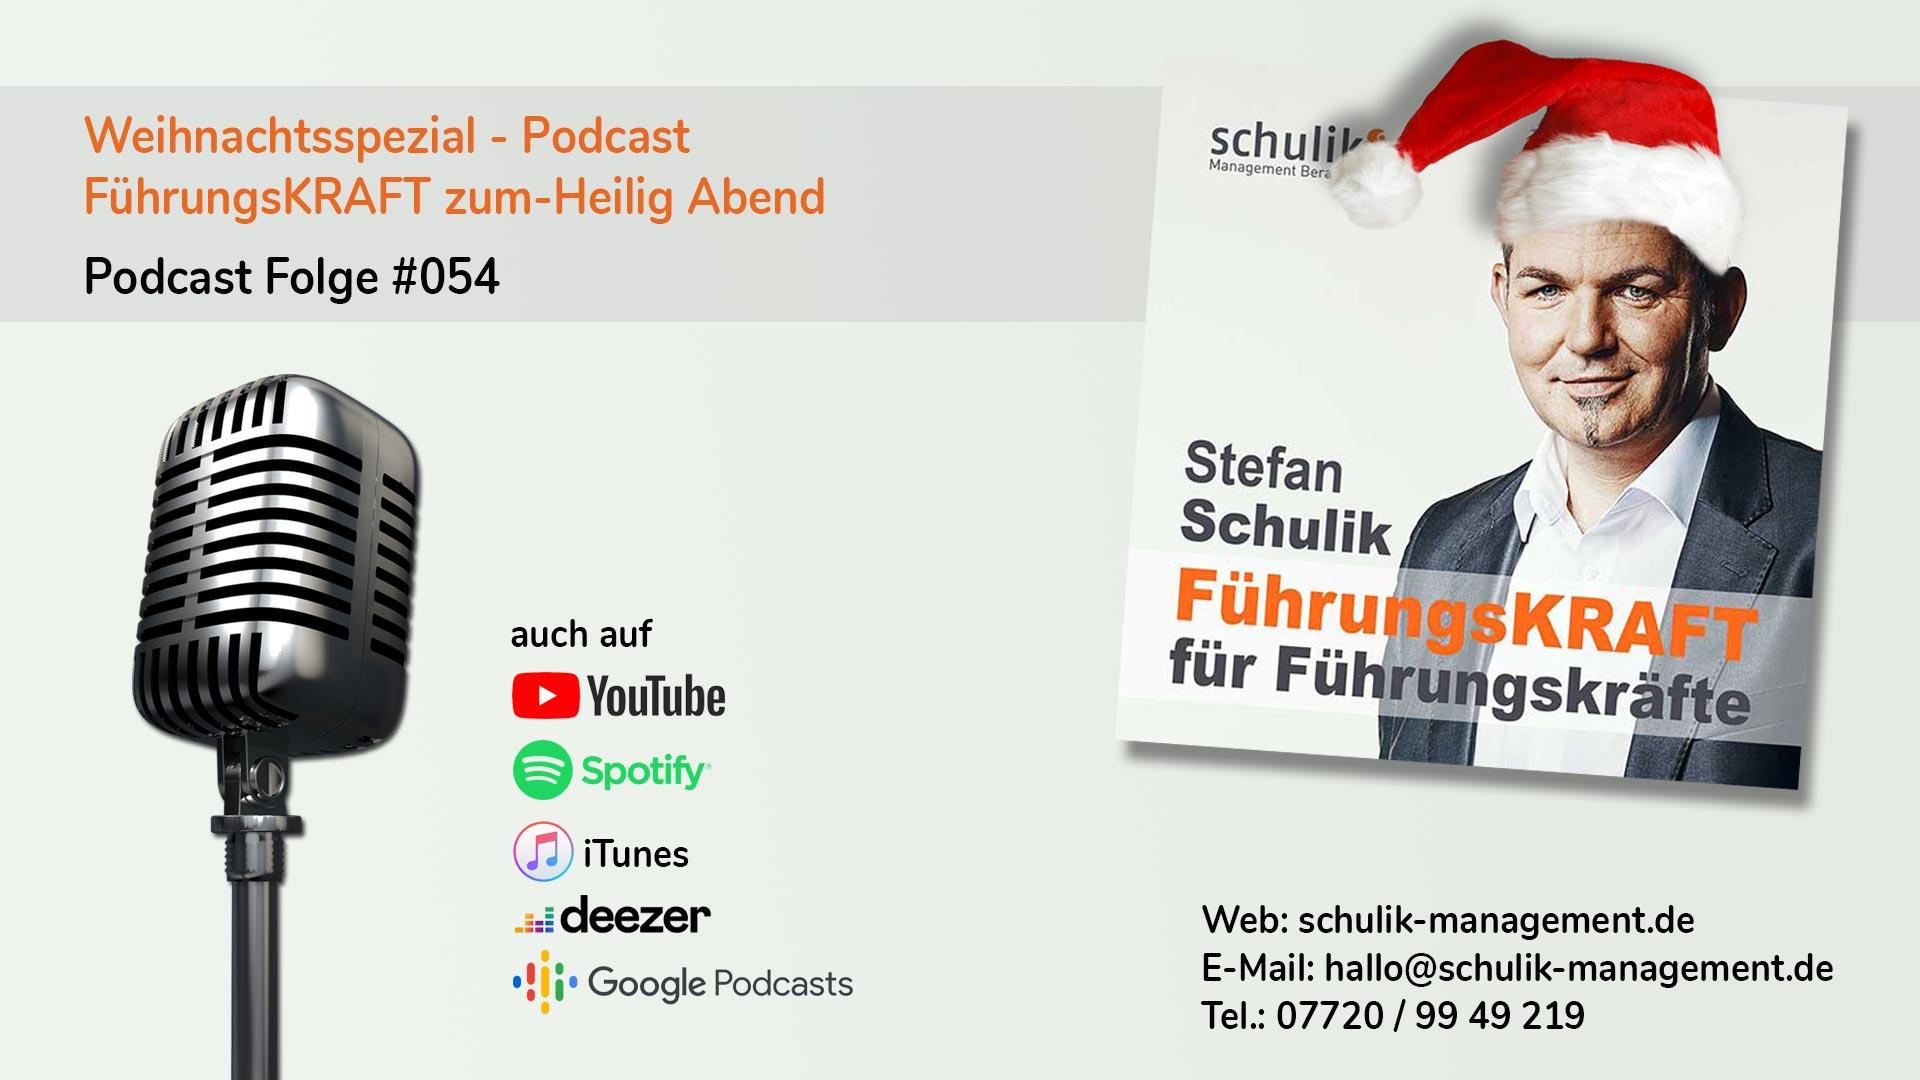 Weihnachtsspezial 2019 - Podcast